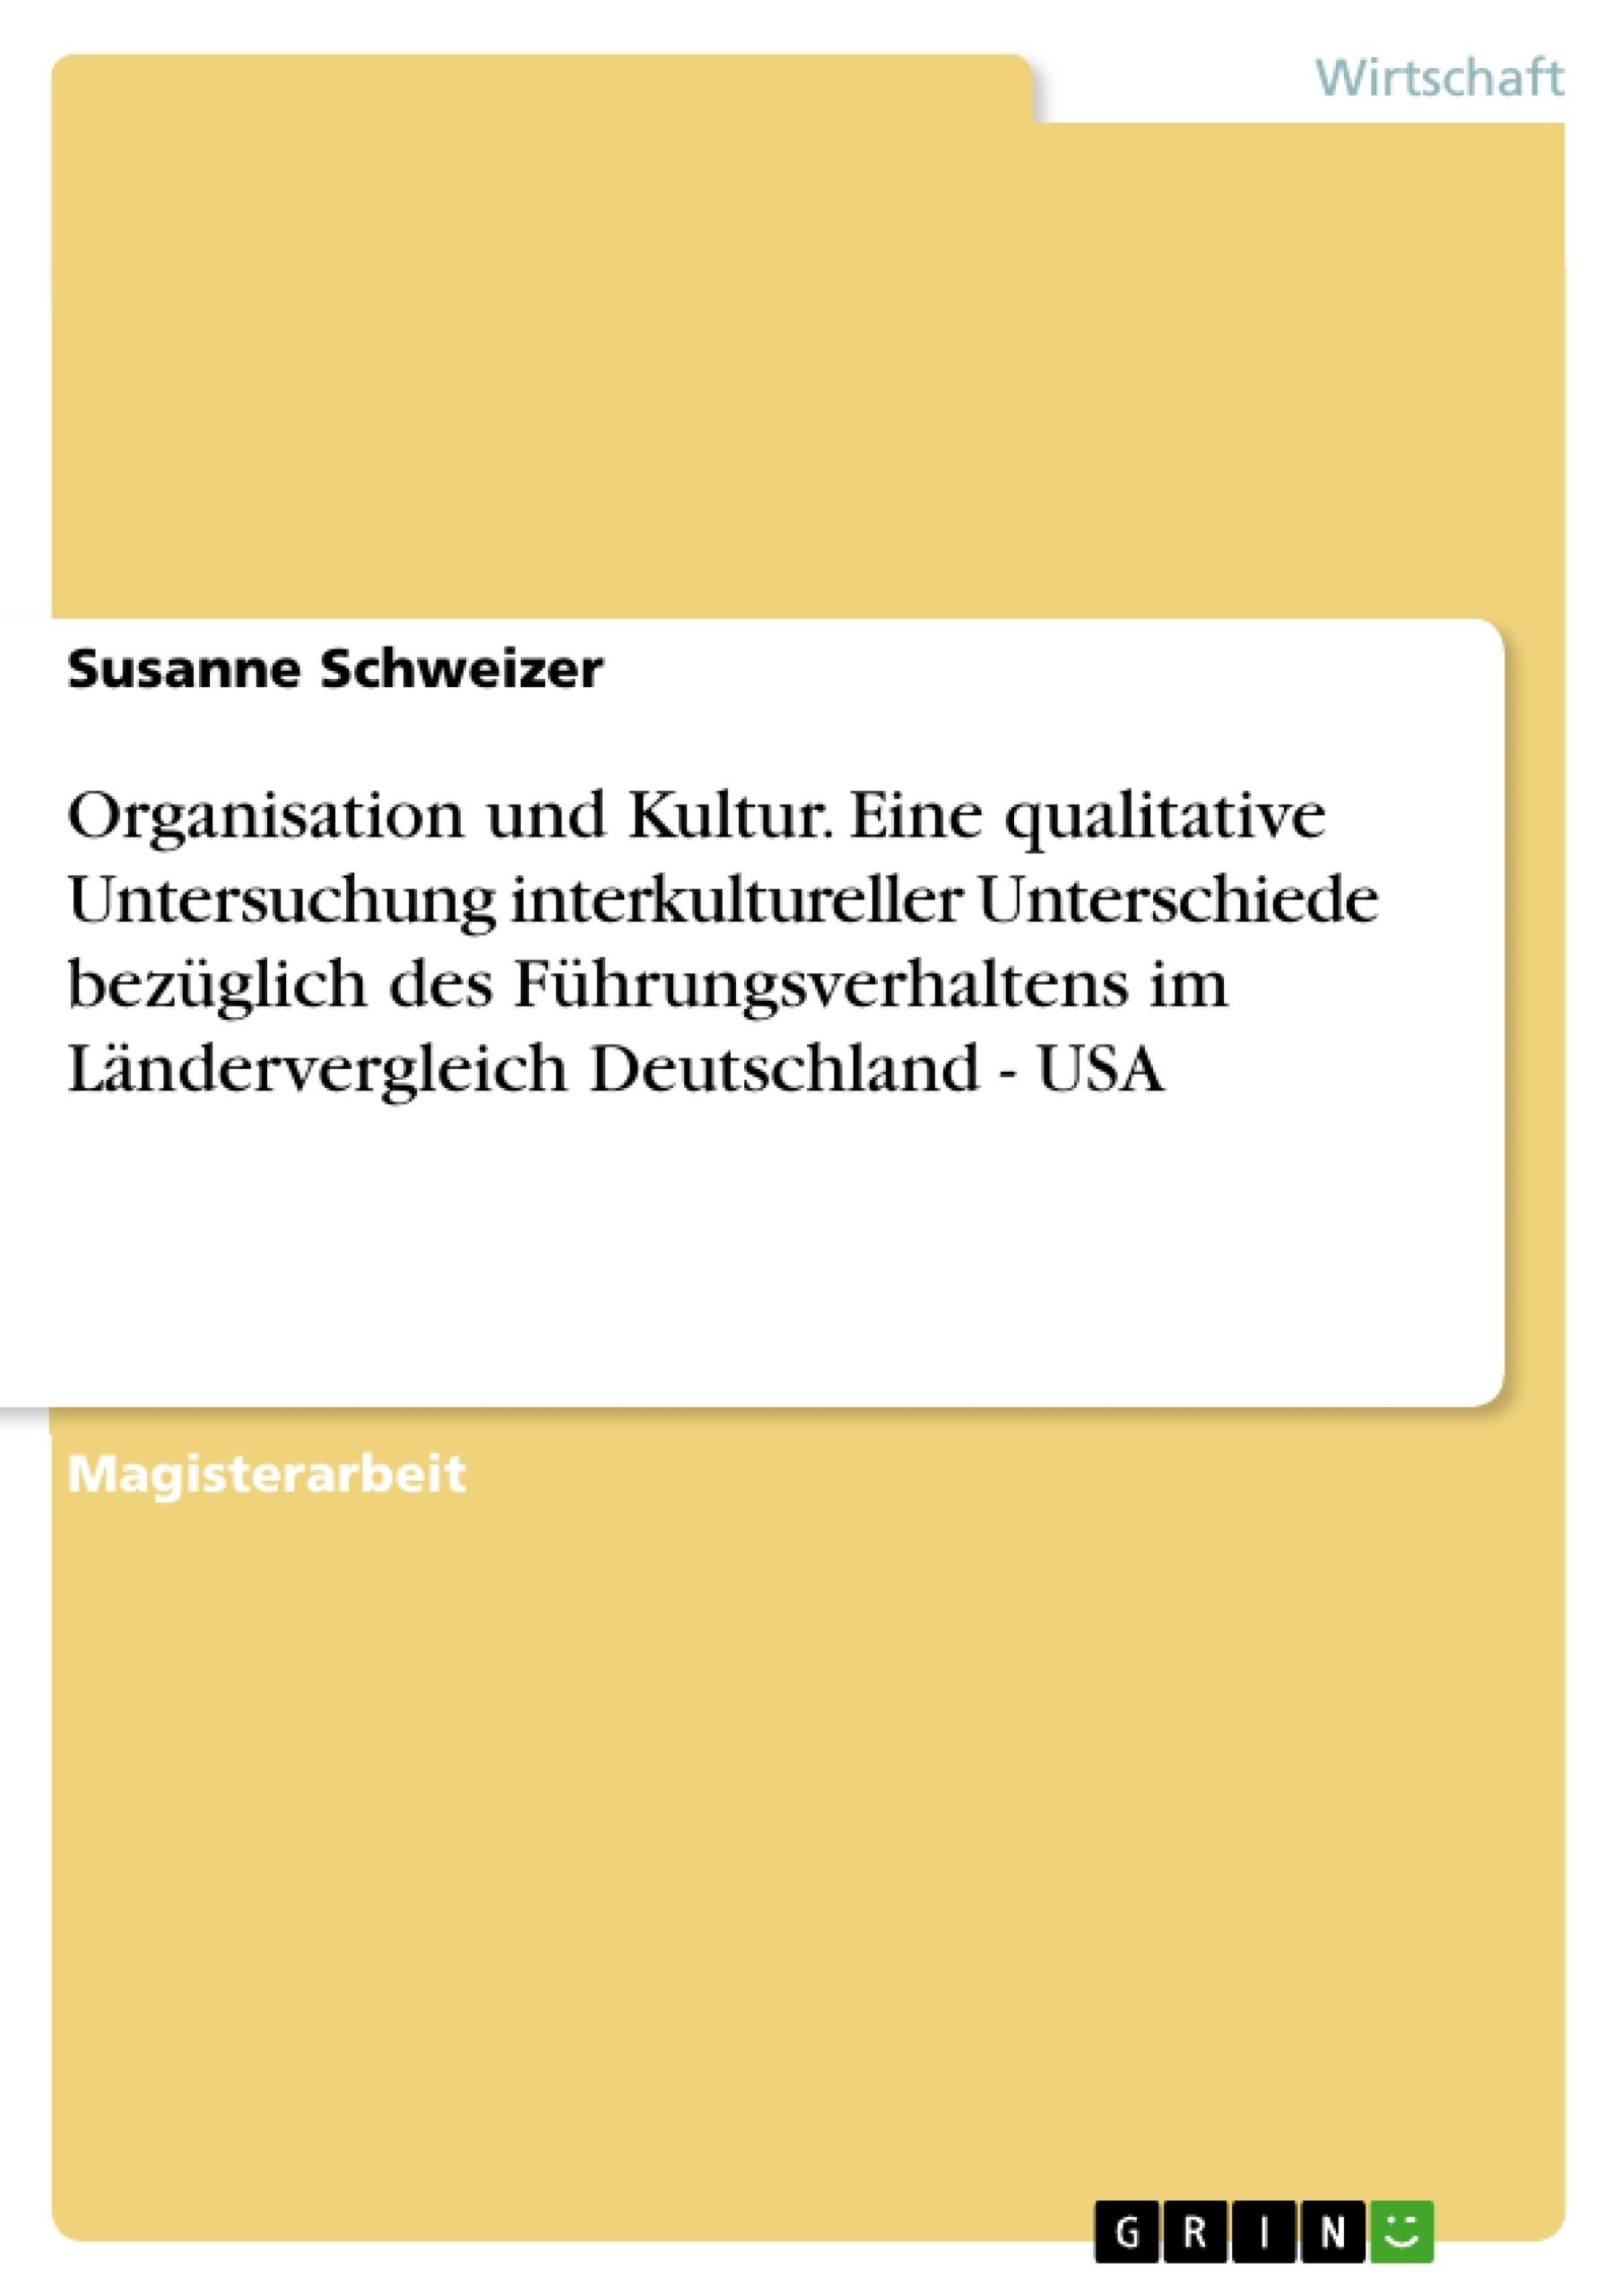 Titel: Organisation und Kultur. Eine qualitative Untersuchung interkultureller Unterschiede bezüglich des Führungsverhaltens im Ländervergleich Deutschland - USA